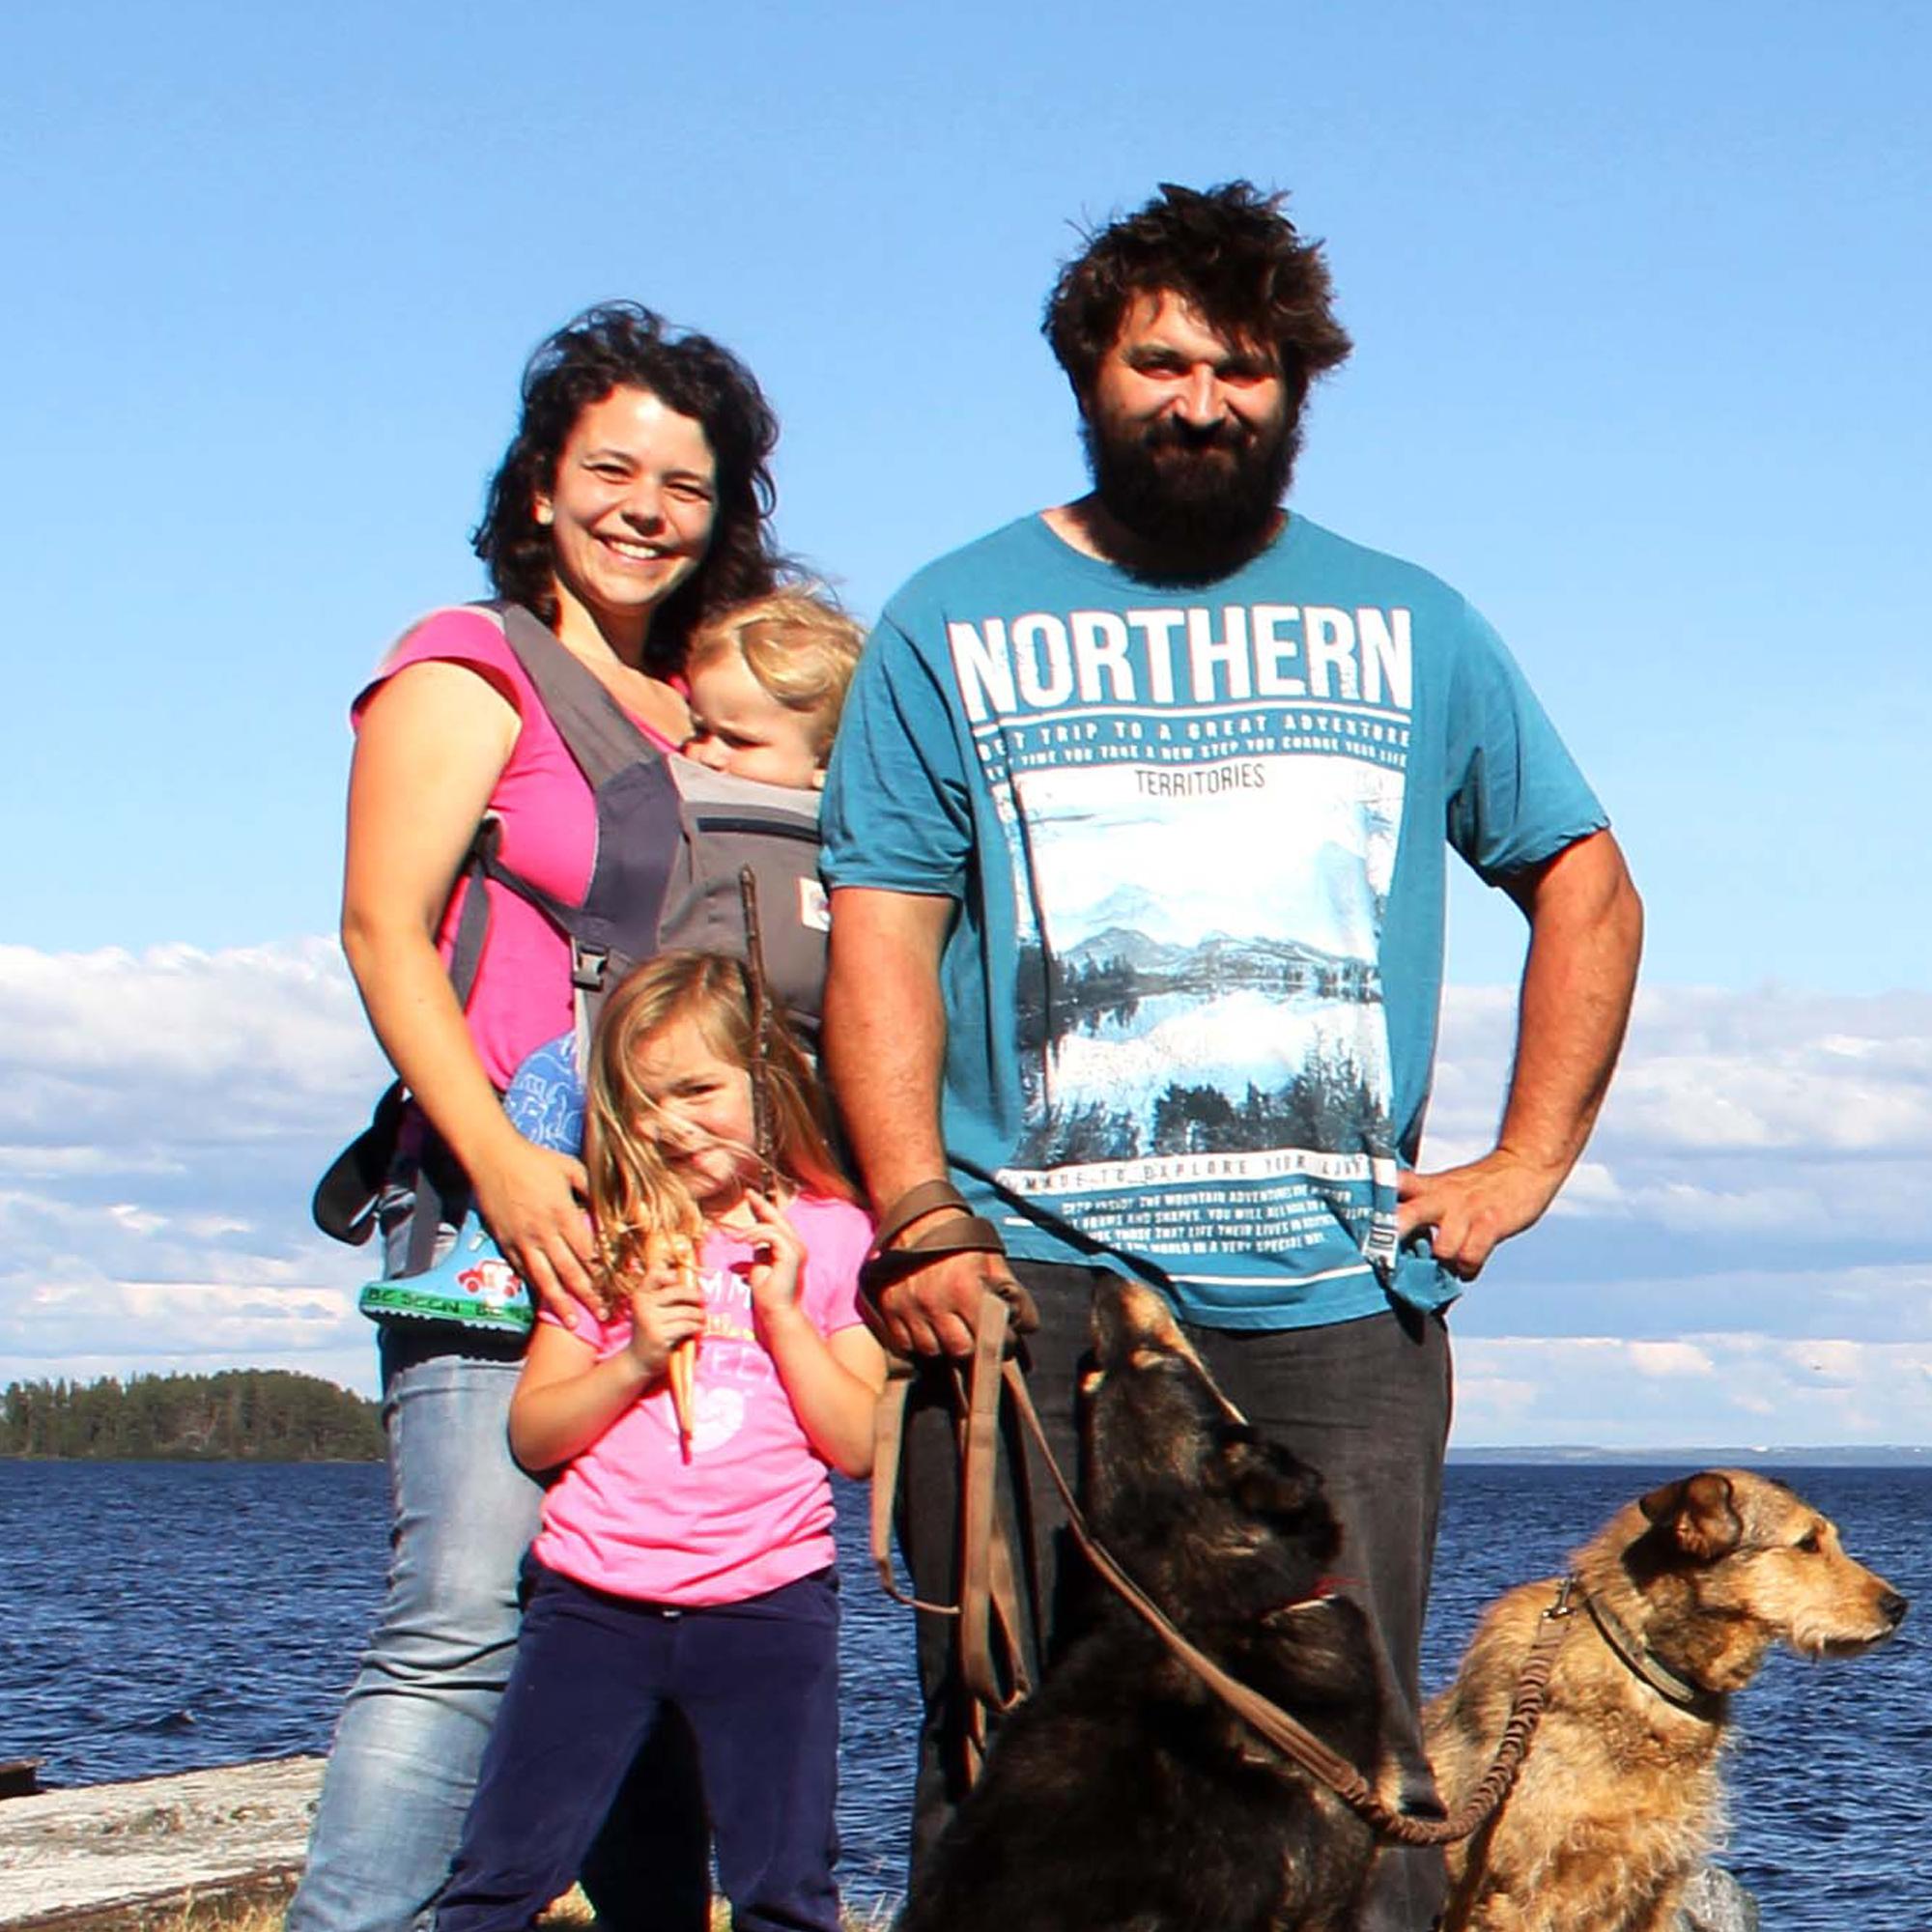 familienzeit-reisen.de - Deine wunderbare Familienreise